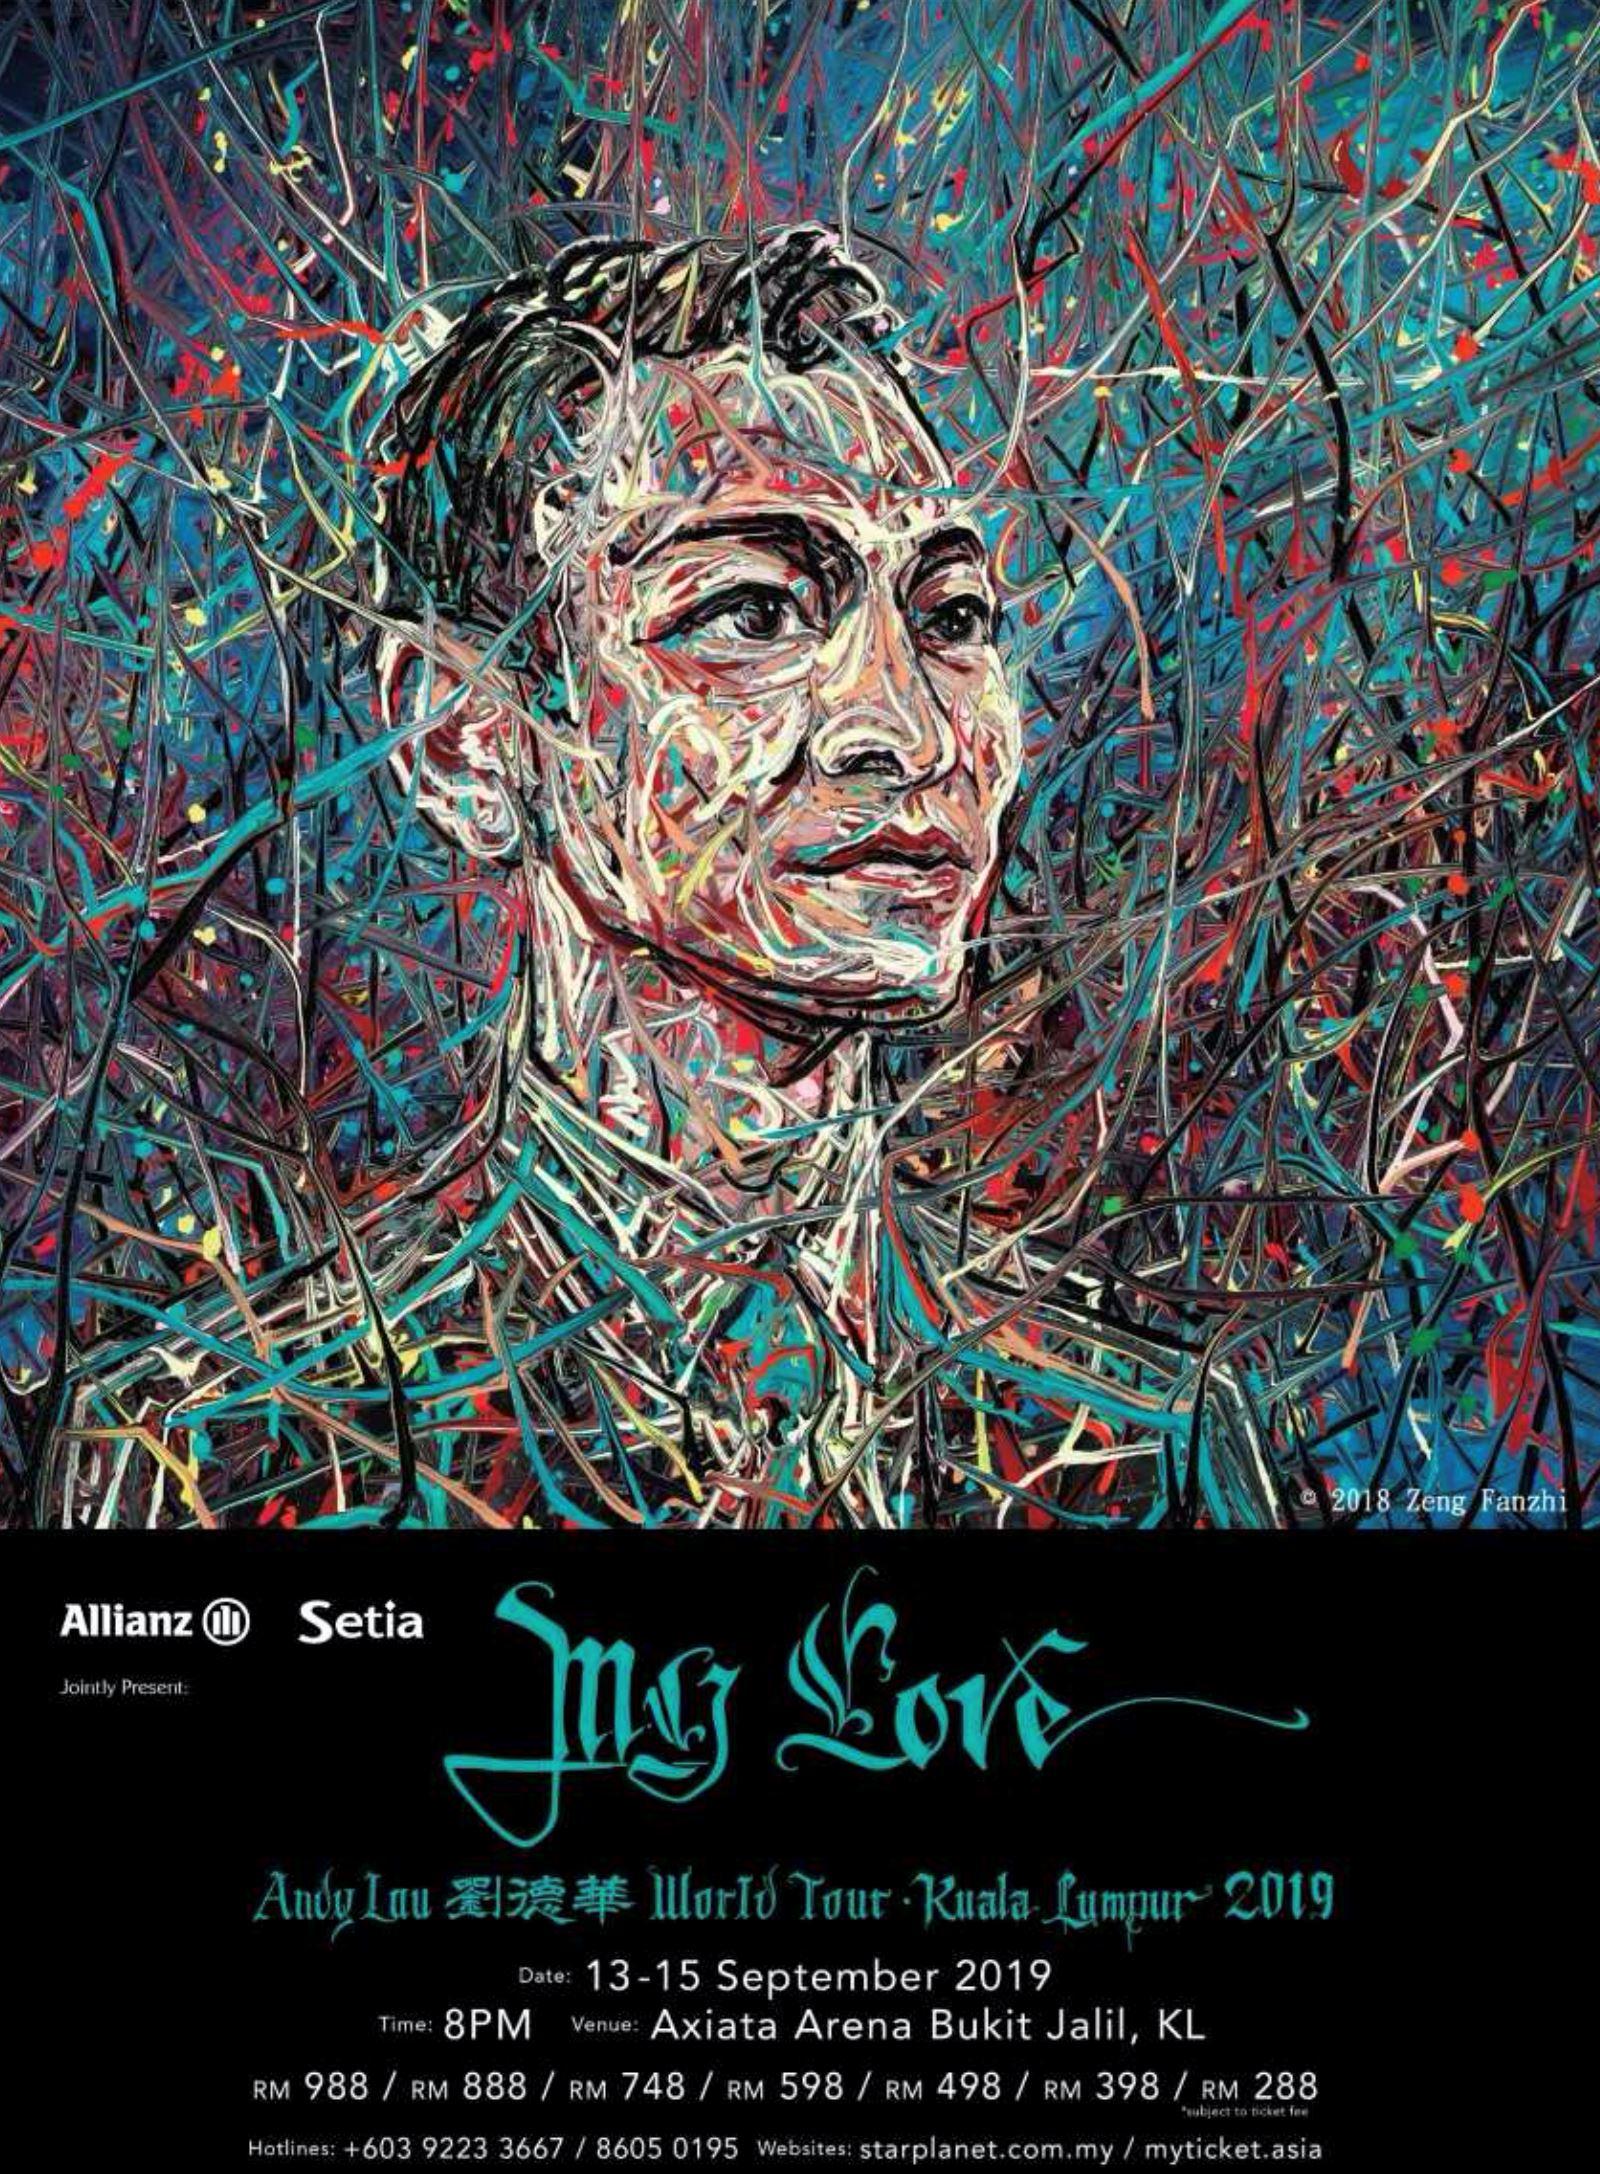 《my love andy lau 刘德华世界巡回演唱会吉隆坡站2019》